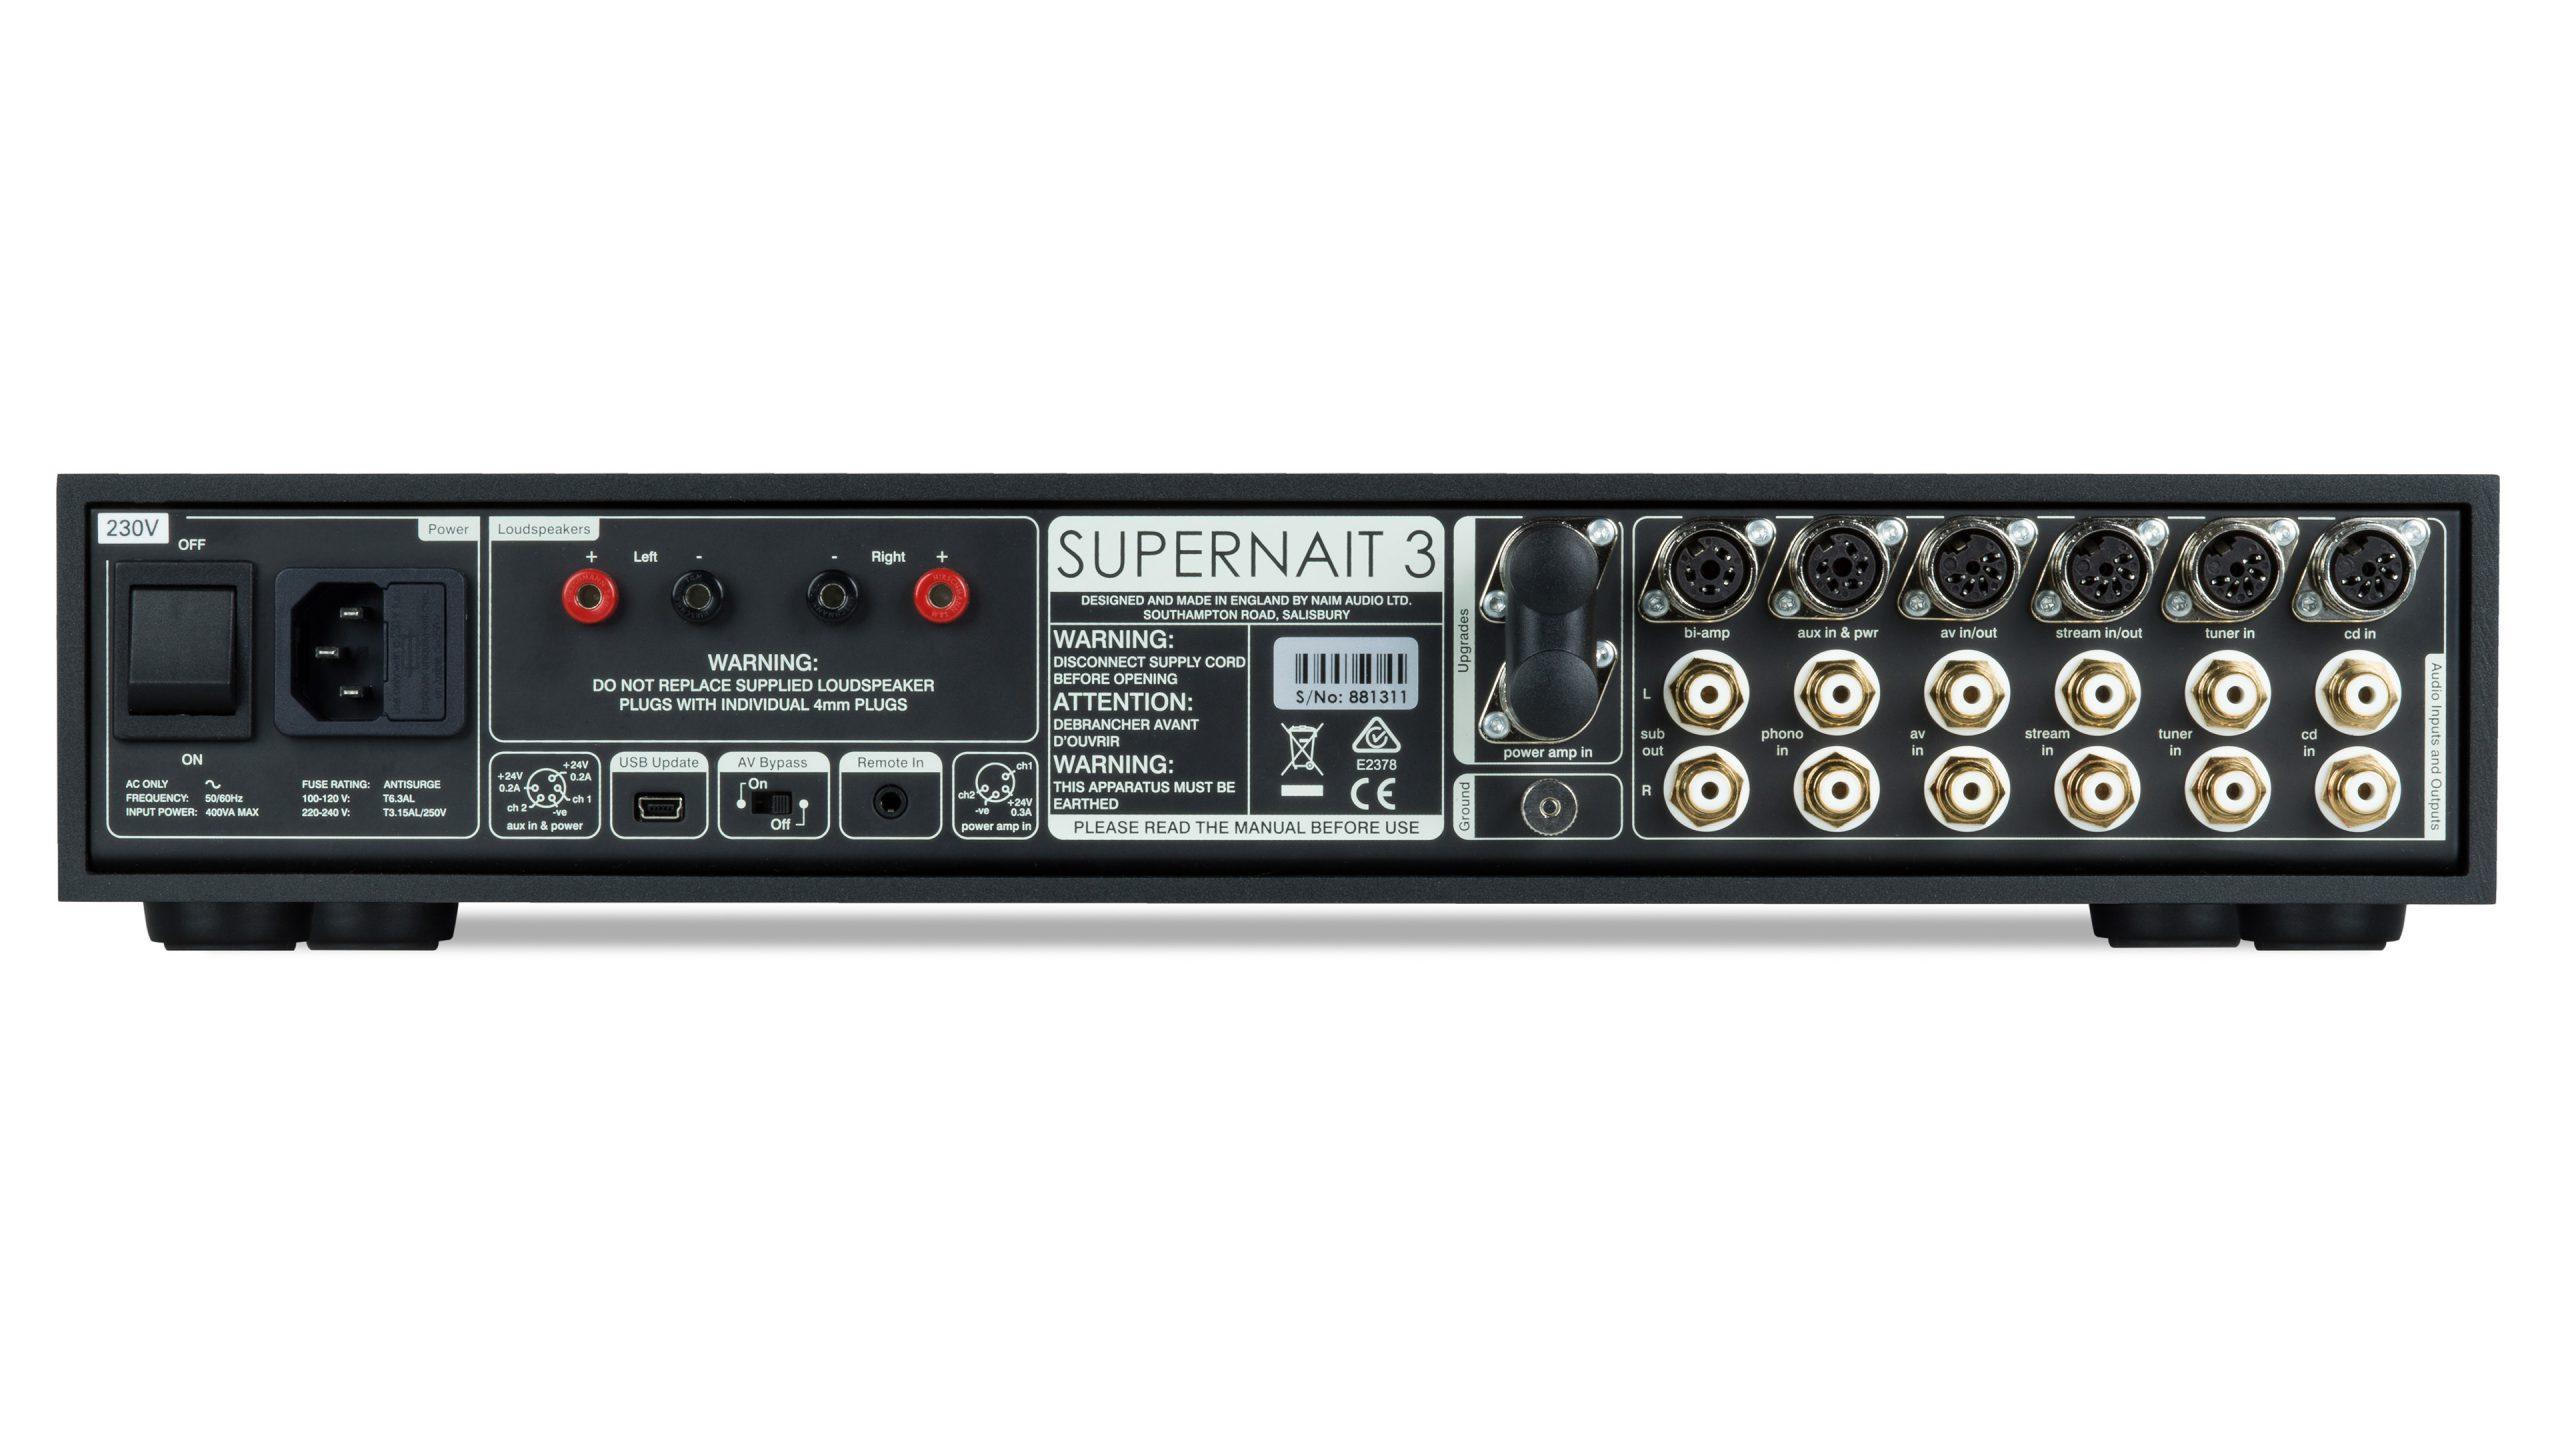 Naim SUPERNAIT 3 rear